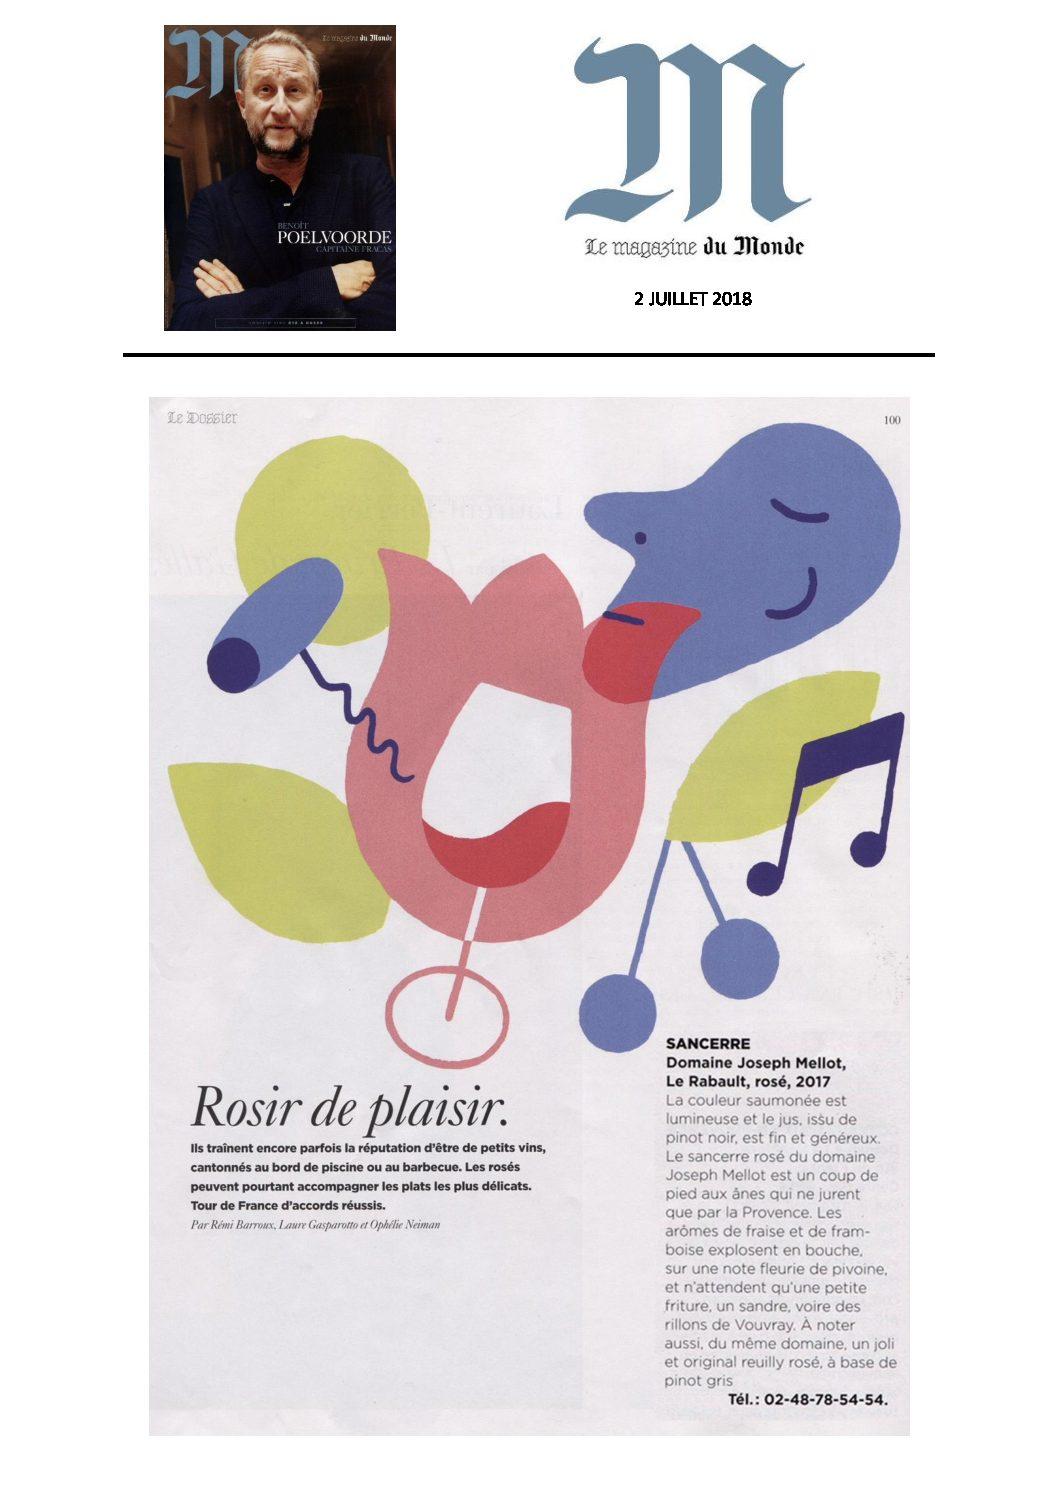 Joseph Mellot - Le Monde Juillet 2018